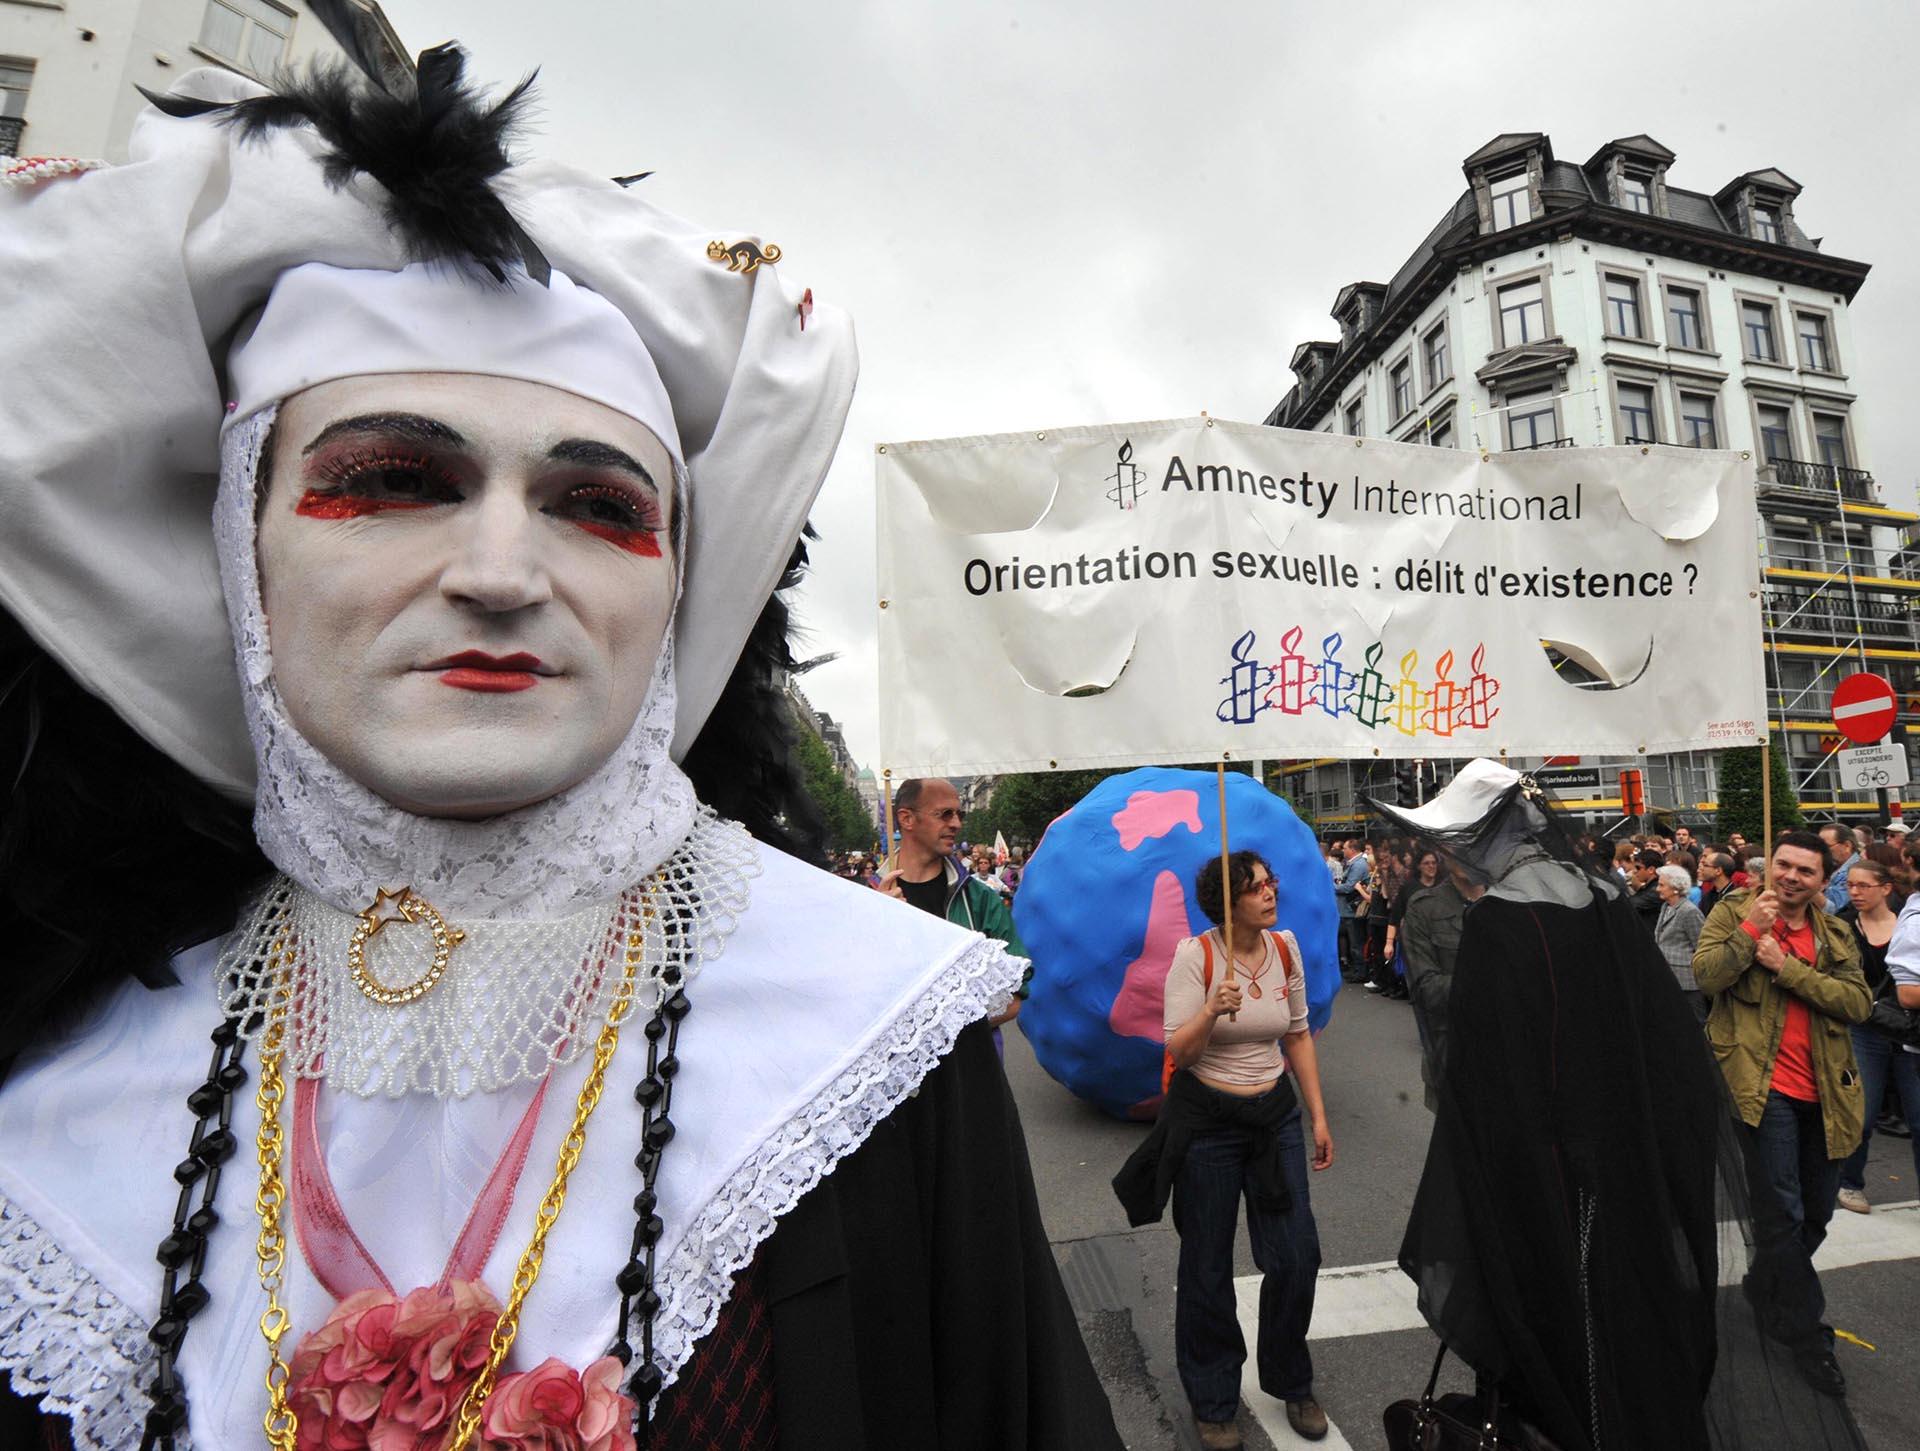 Una multitud marchó durante un desfile del Orgullo el 17 de mayo de 2008 en el centro de Bruselas. Francia planeaba pedir a las Naciones Unidas que presionara para que la homosexualidad sea despenalizada en todo el mundo, mientras los gays y lesbianas de todo el mundo marcaban el Día Internacional contra la Homofobia, que se puso en marcha en 2005 para conmemorar el día en que en 1990 la Organización Mundial de la Salud eliminó la homosexualidad de su lista de trastornos. El letrero dice